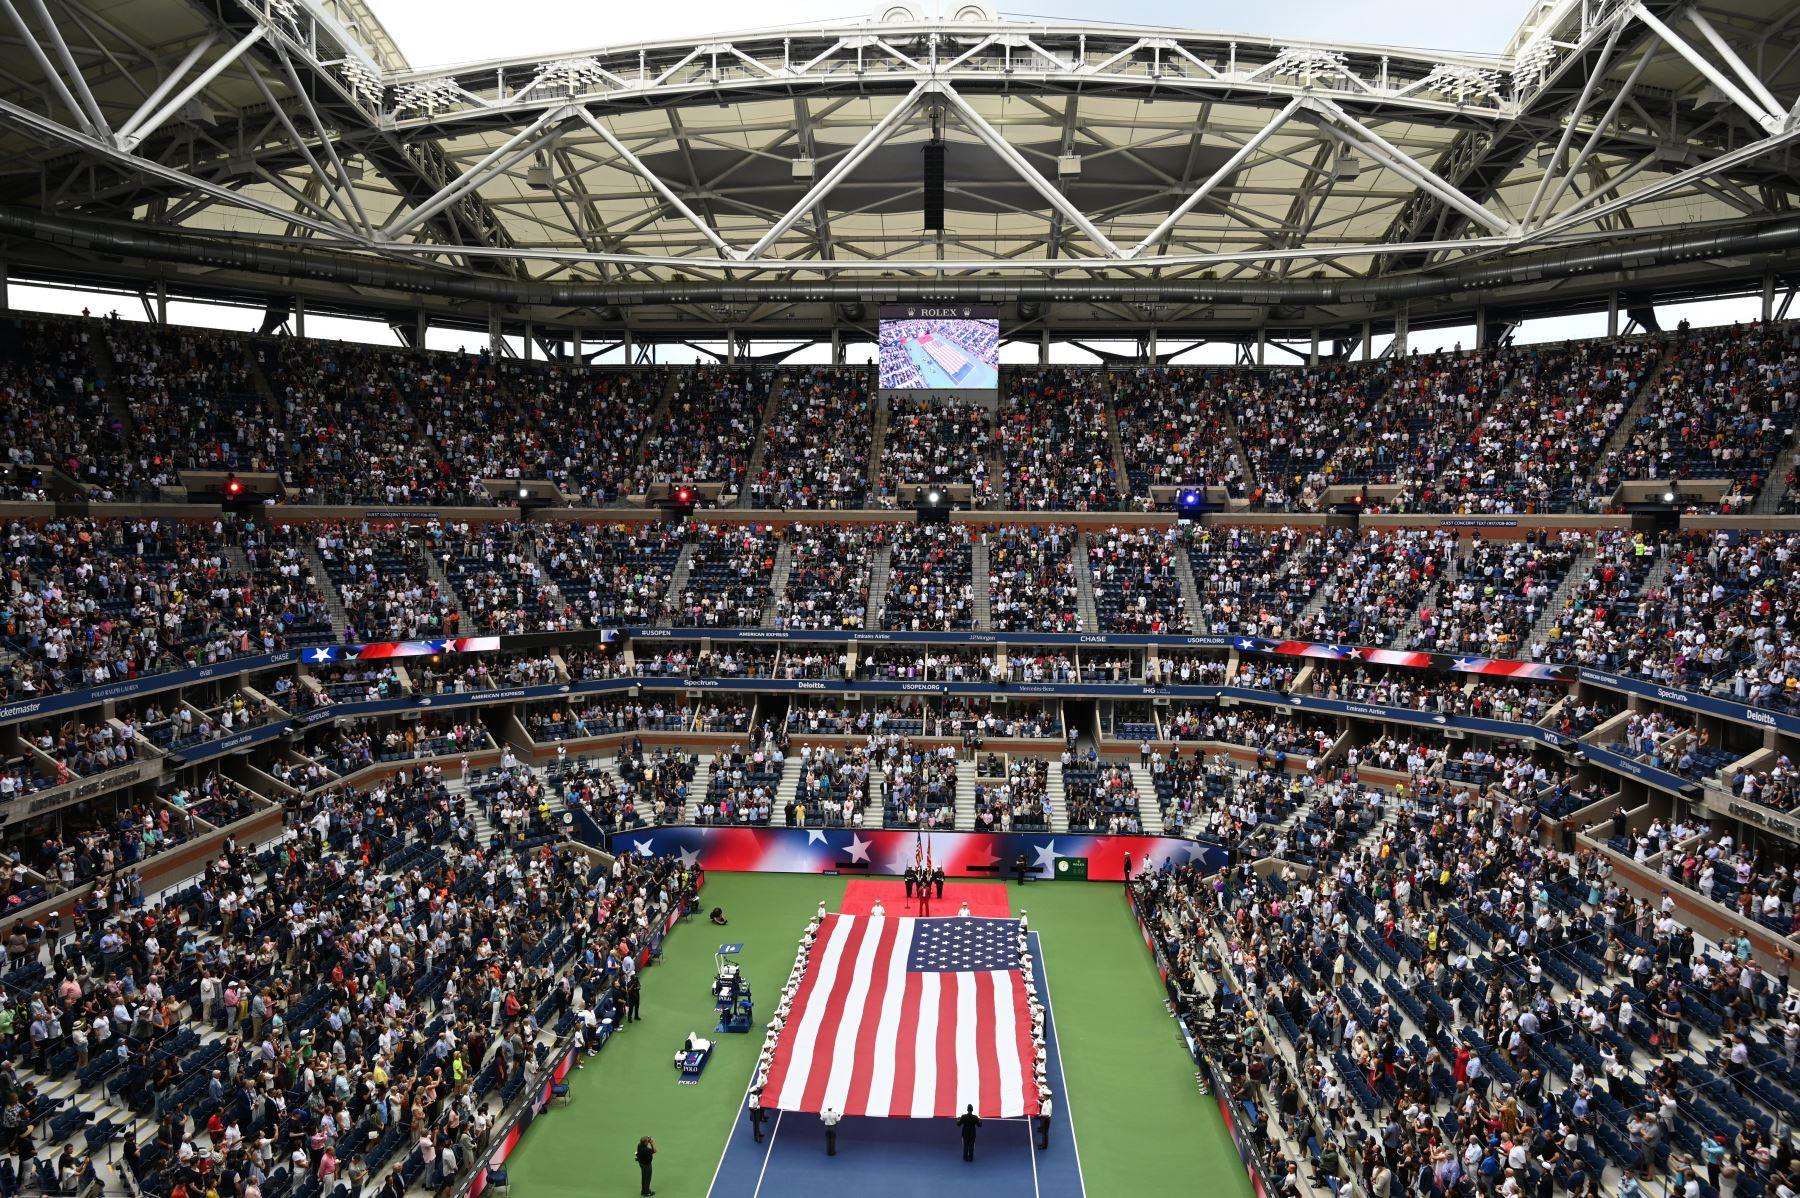 La bandera nacional de EE. UU. Se ve antes de la ceremonia de apertura antes de que Daniil Medvedev de Rusia jugara contra Rafael Nadal de España durante su partido de la final individual masculina en el US Open 2019. Foto: AFE